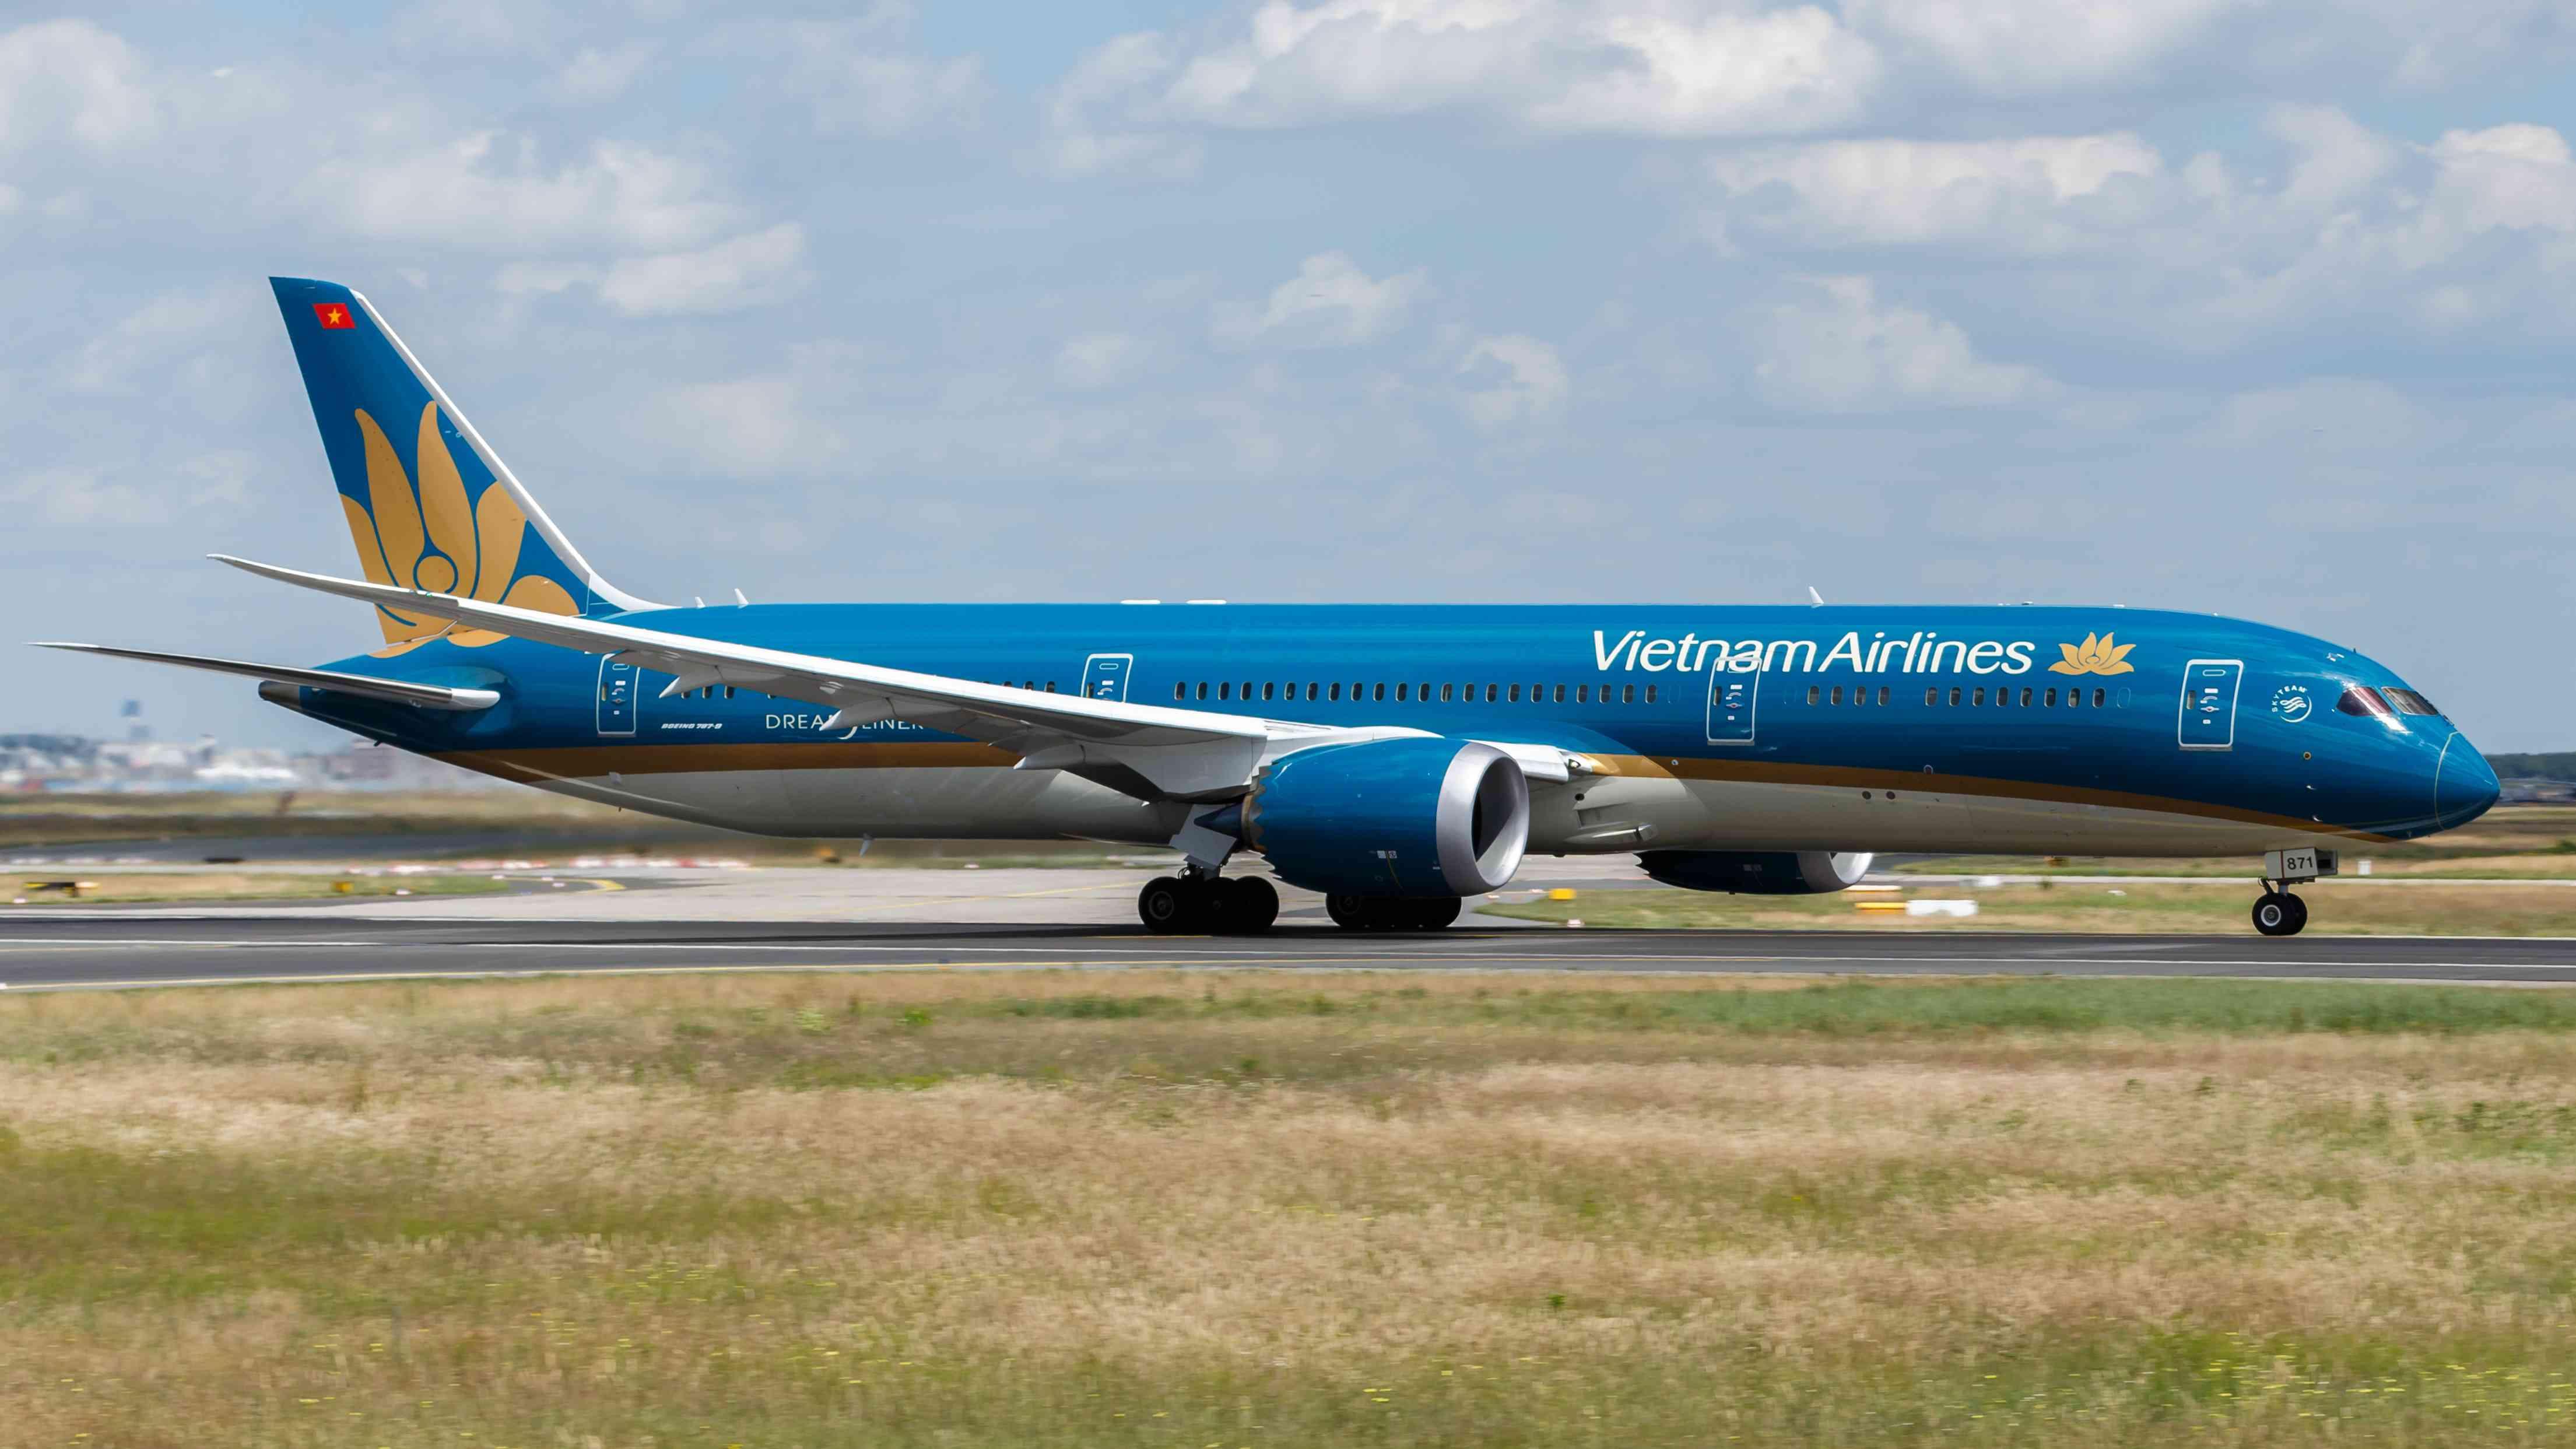 Boeing 787-9 của Vietnam Airlines bị ống lồng đâm hỏng tại sân bay Nga - 1